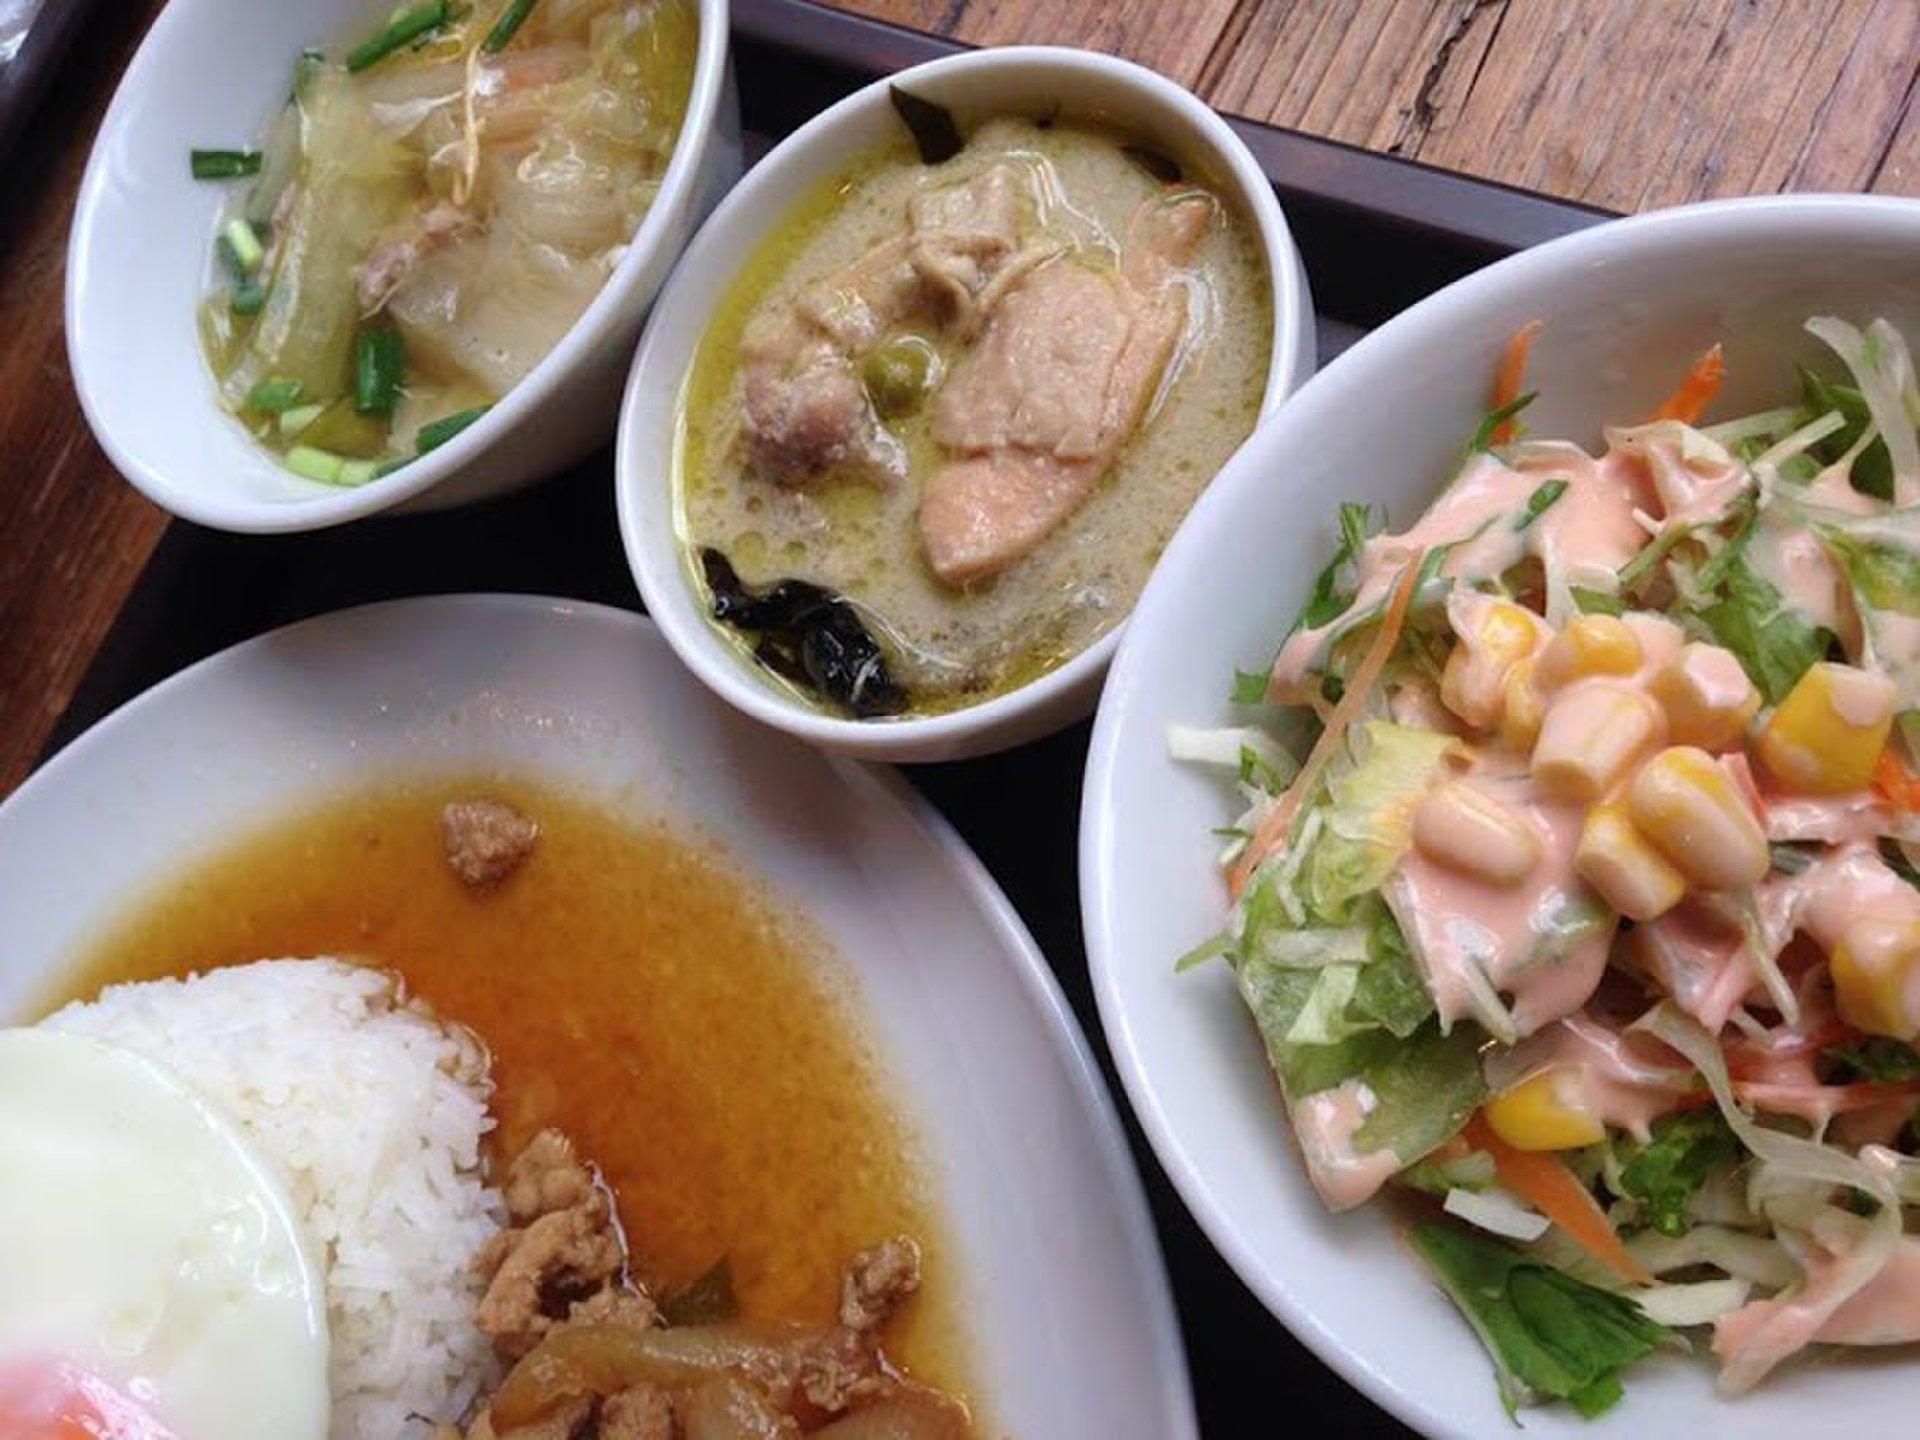 【恵比寿のおすすめランチスポット3選】食べログ評価も高い人気なお昼ごはん